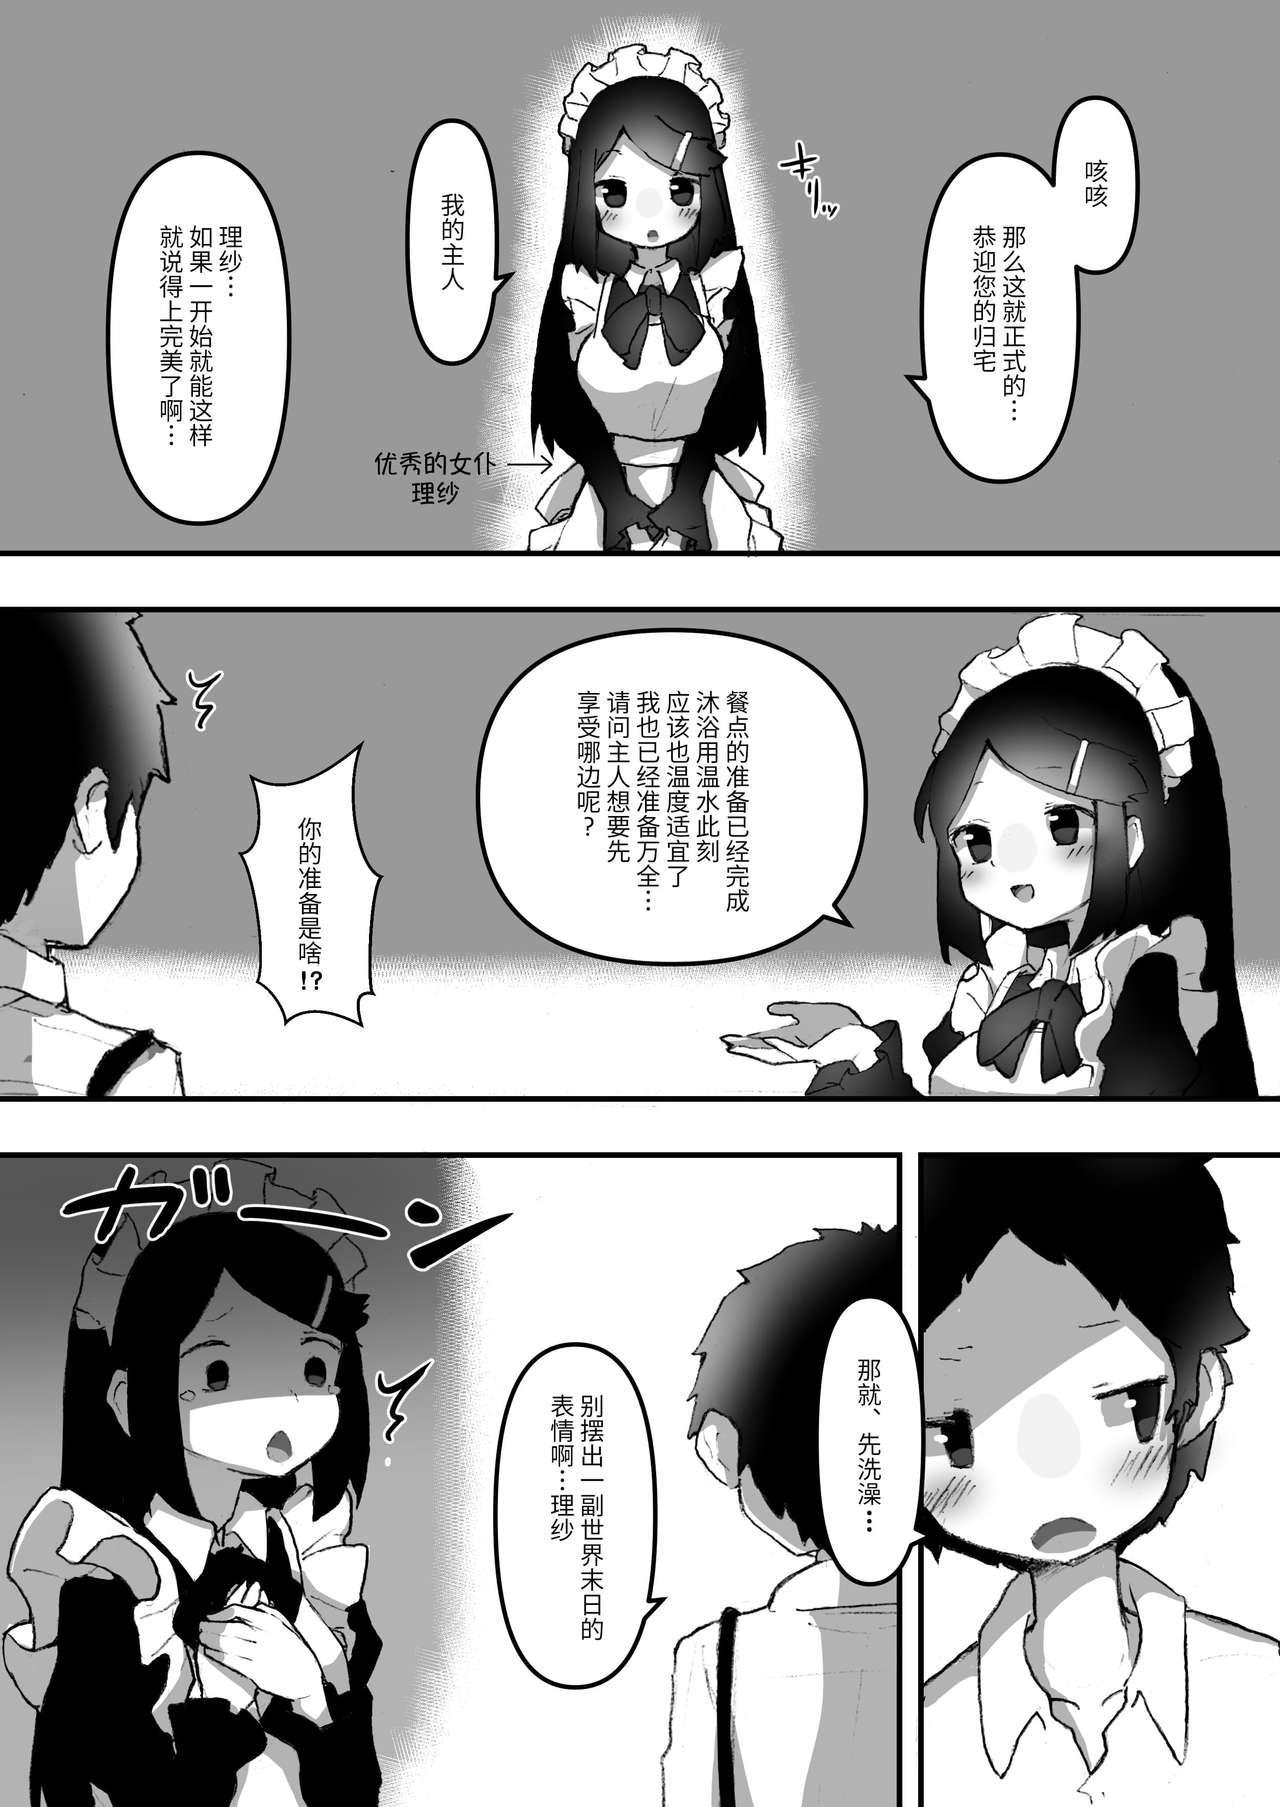 Chinkasu de kimaru Onna-tachi Comic Anthology 82